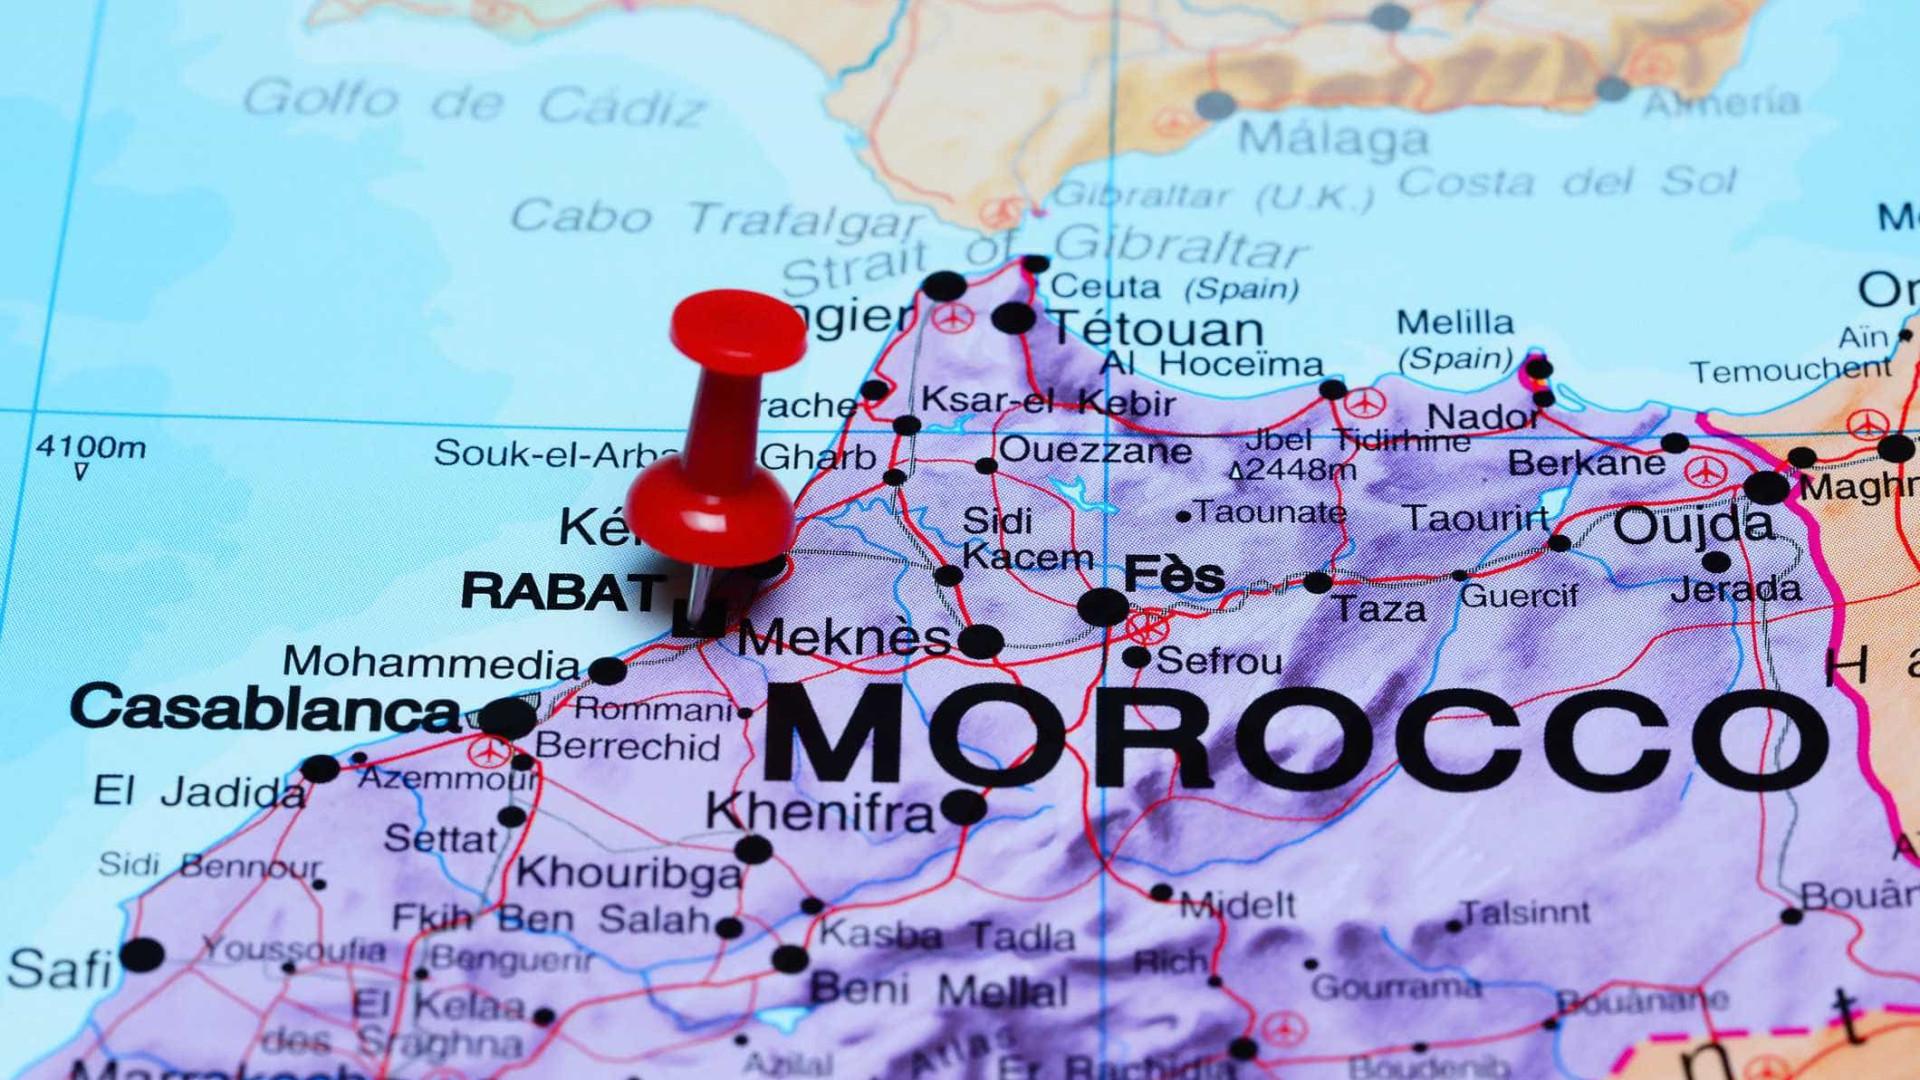 Inundação arrasta ônibus no Marrocos e deixa 17 mortos